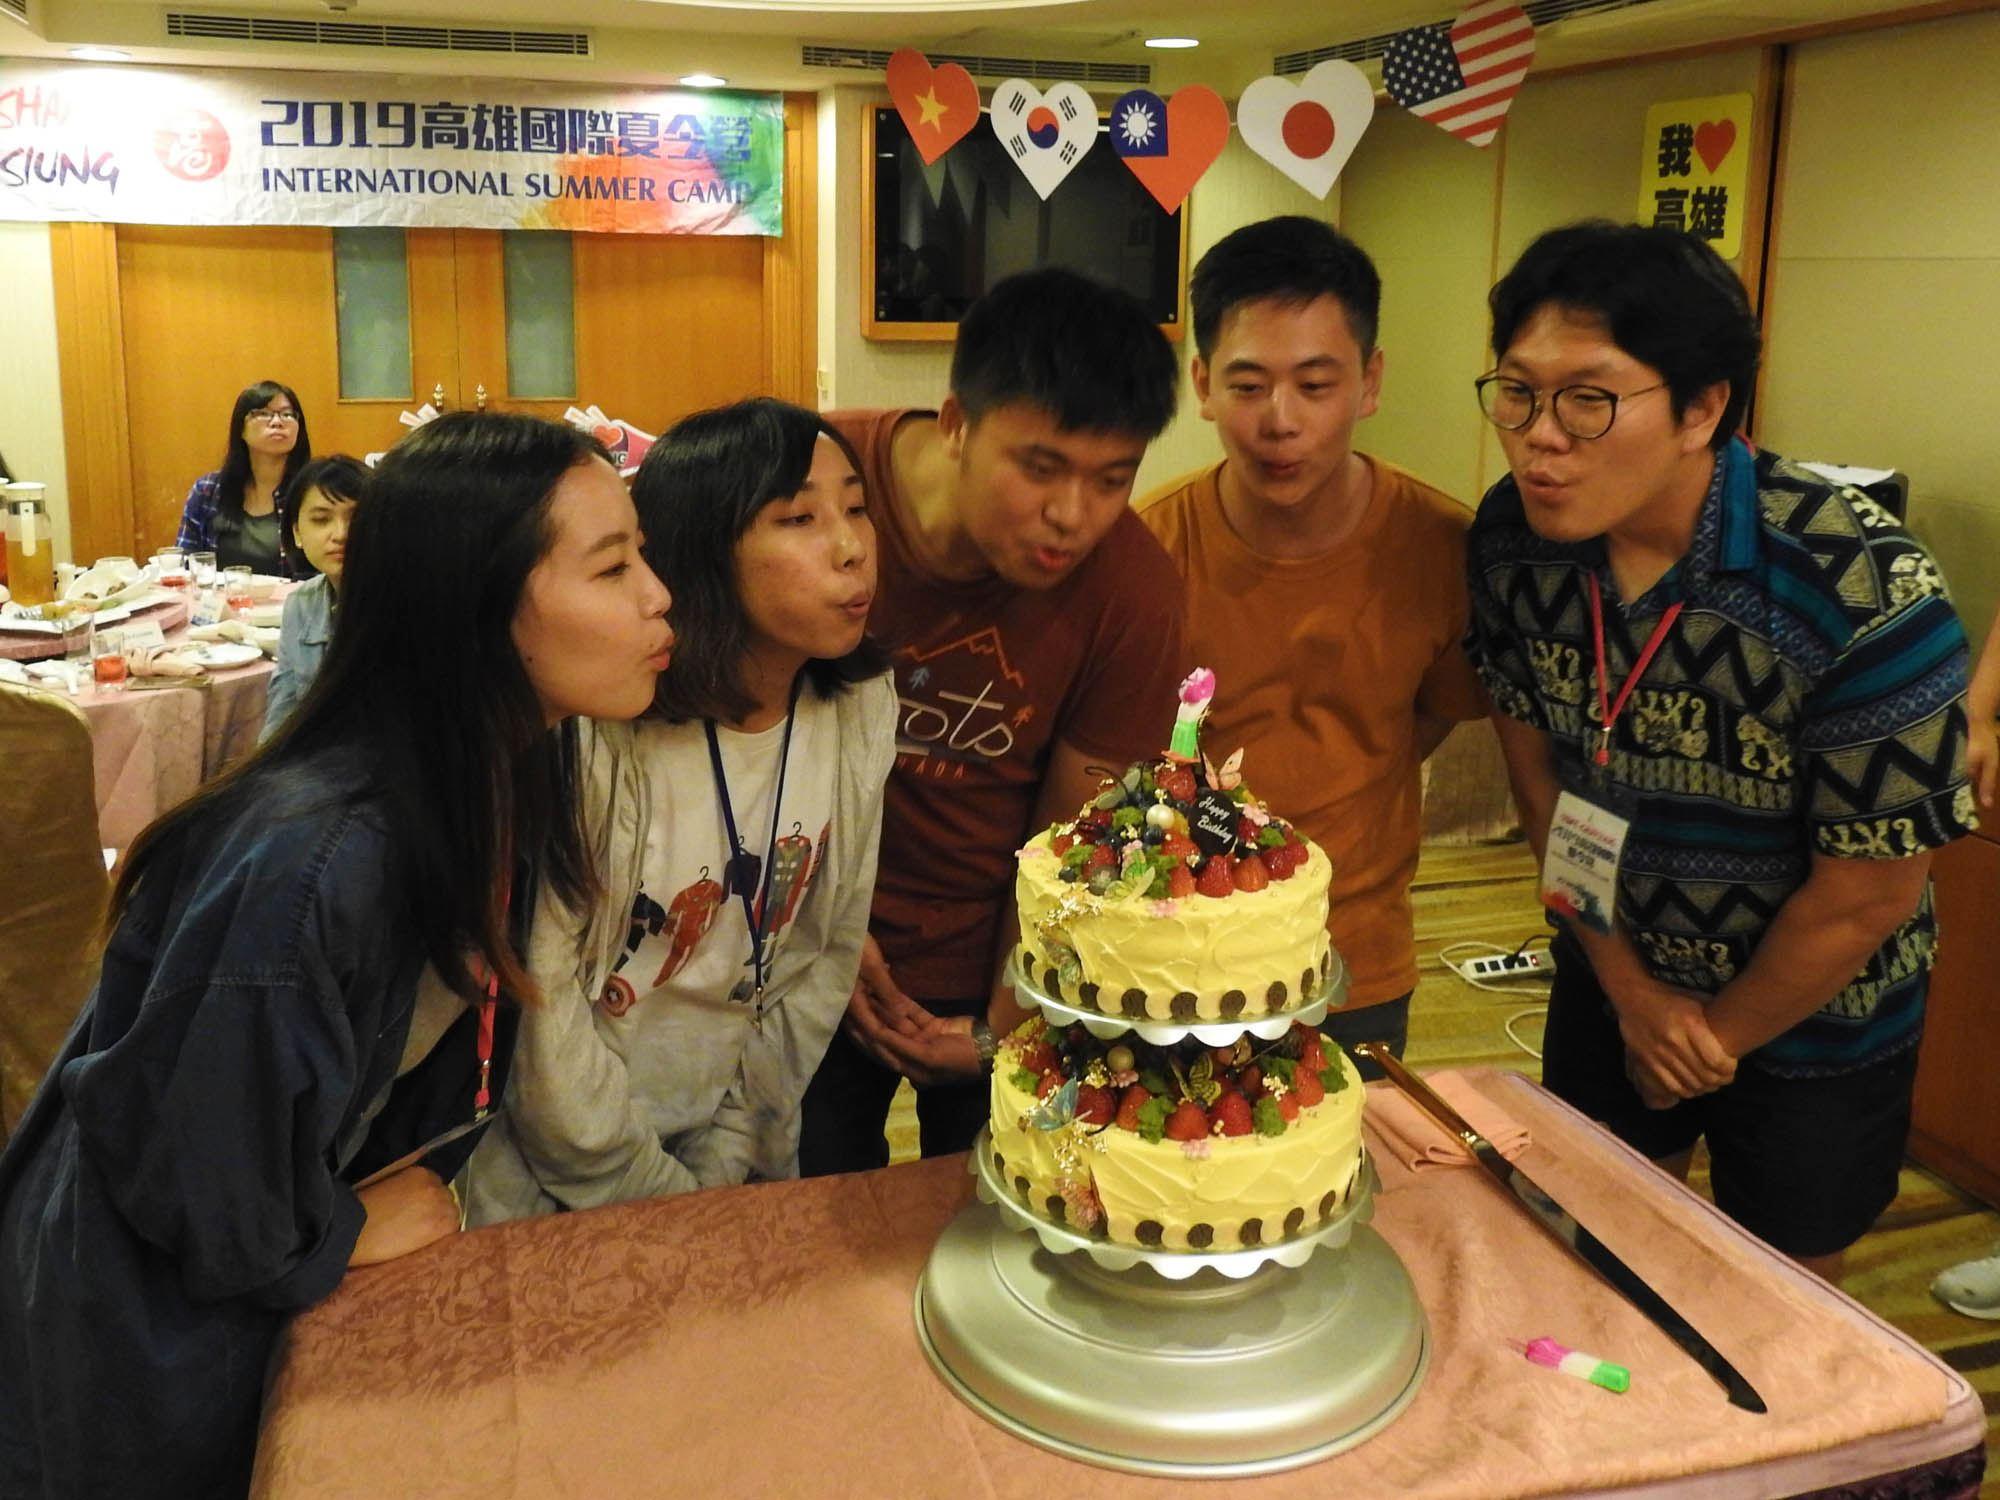 行政暨國際處特別於結業晚會中舉辦驚喜慶生會,讓所有學生都留下最難忘的回憶。.jpg